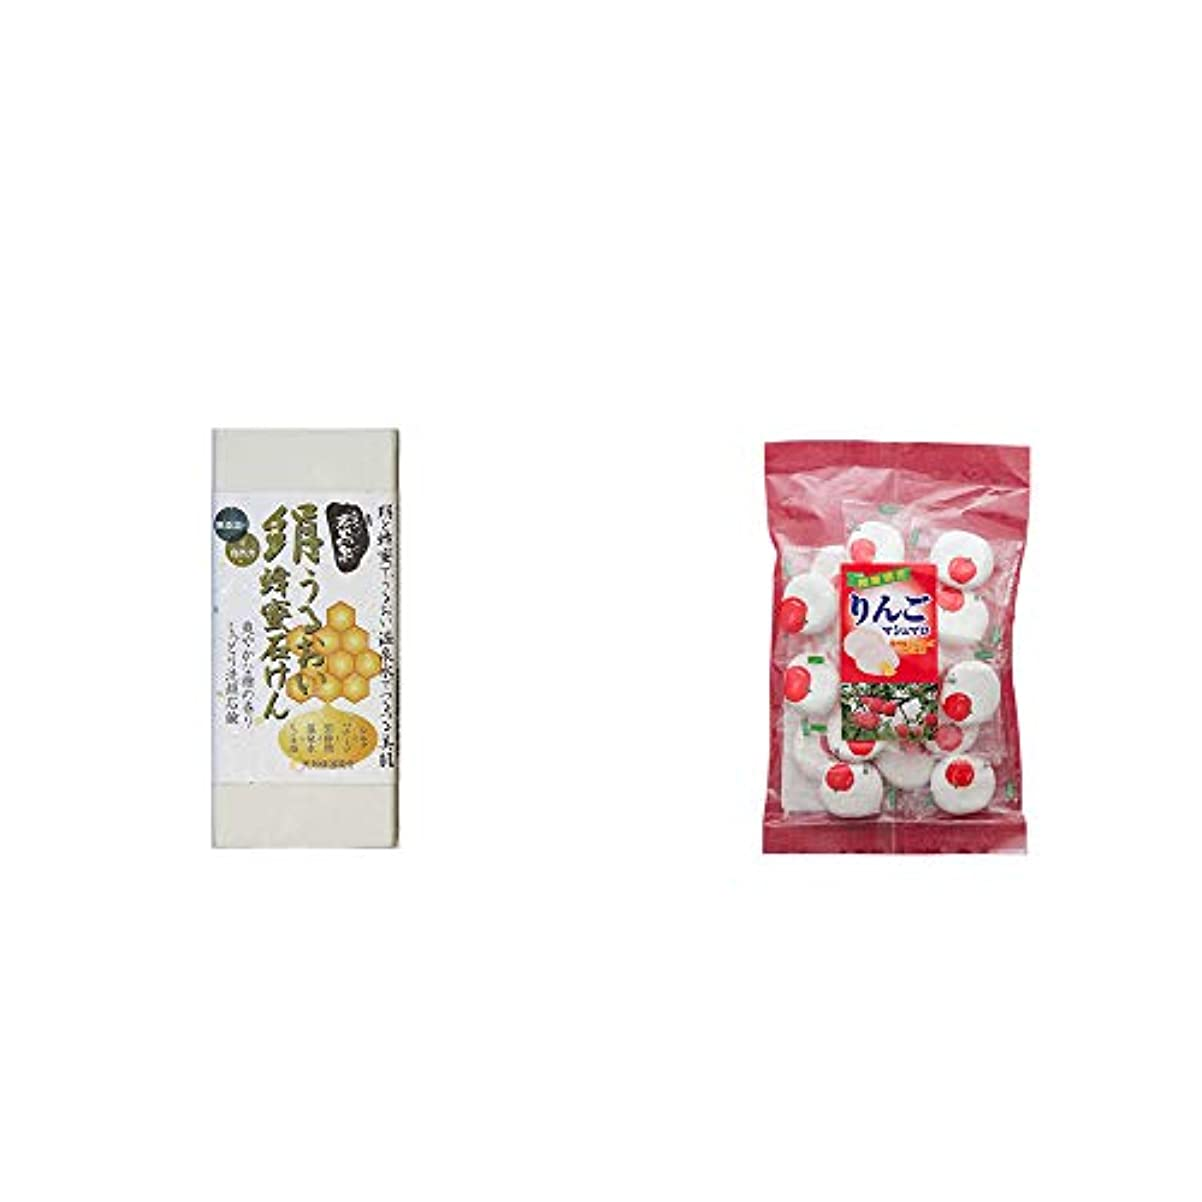 連続的悪性ハッピー[2点セット] ひのき炭黒泉 絹うるおい蜂蜜石けん(75g×2)?信州りんご100%使用 りんごマシュマロ(110g)